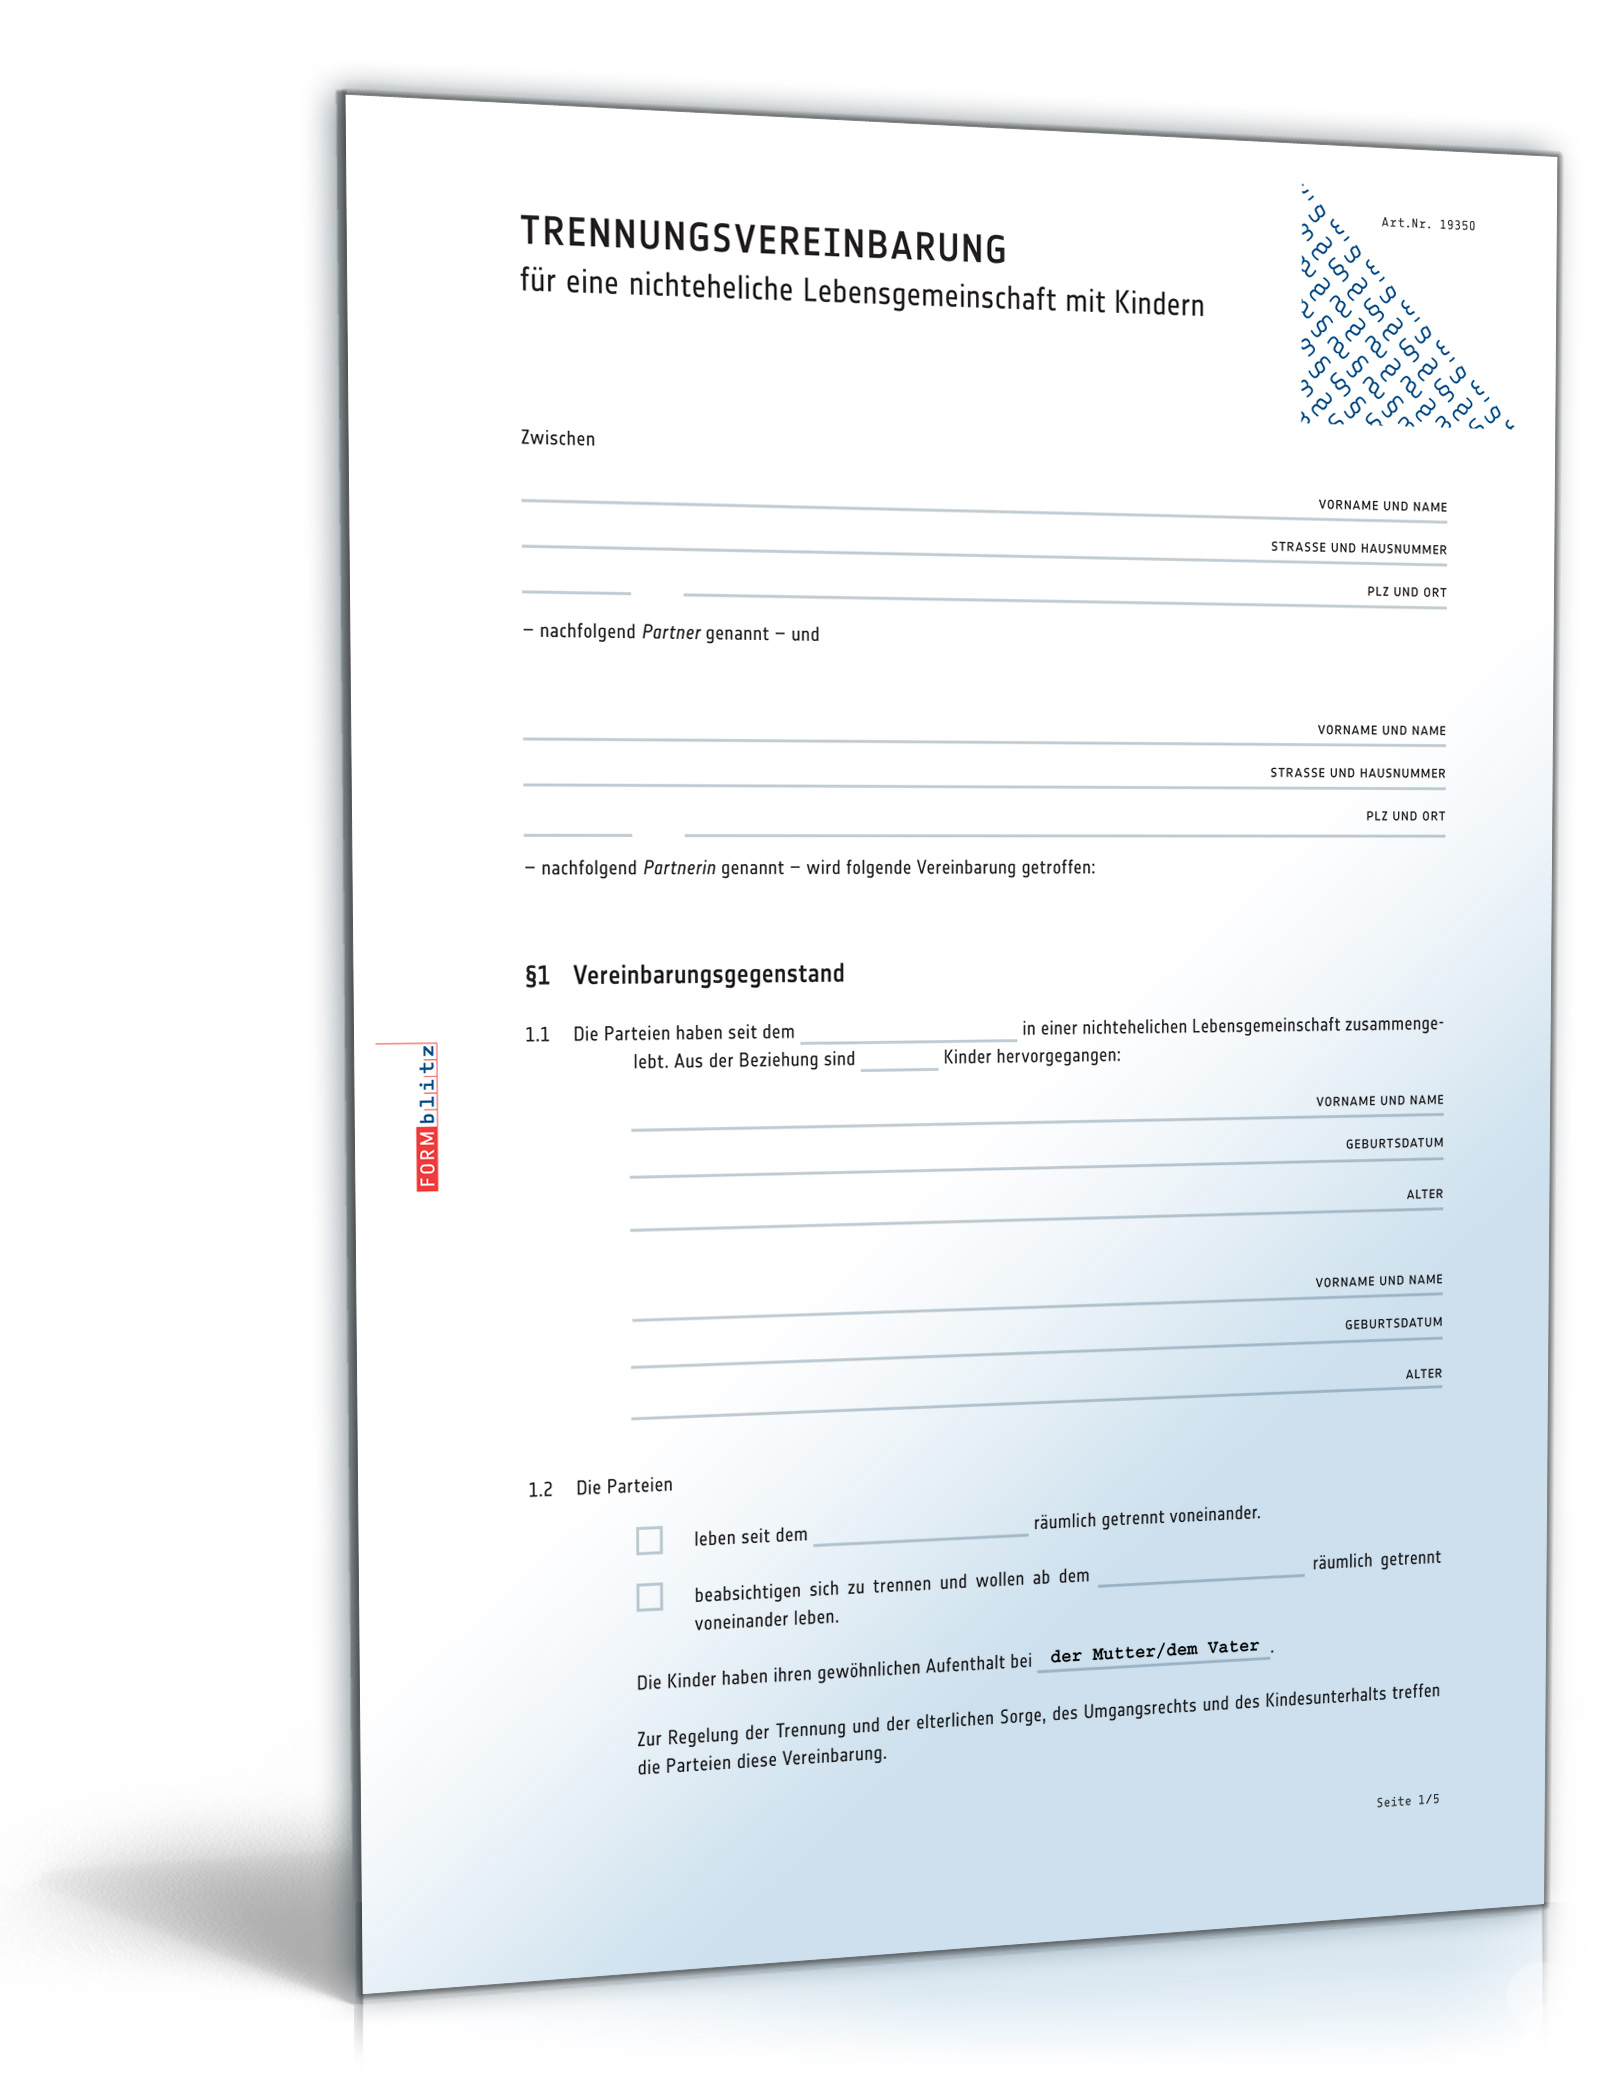 Trennungsvereinbarung mit Kindern [PDF Download] [Download]